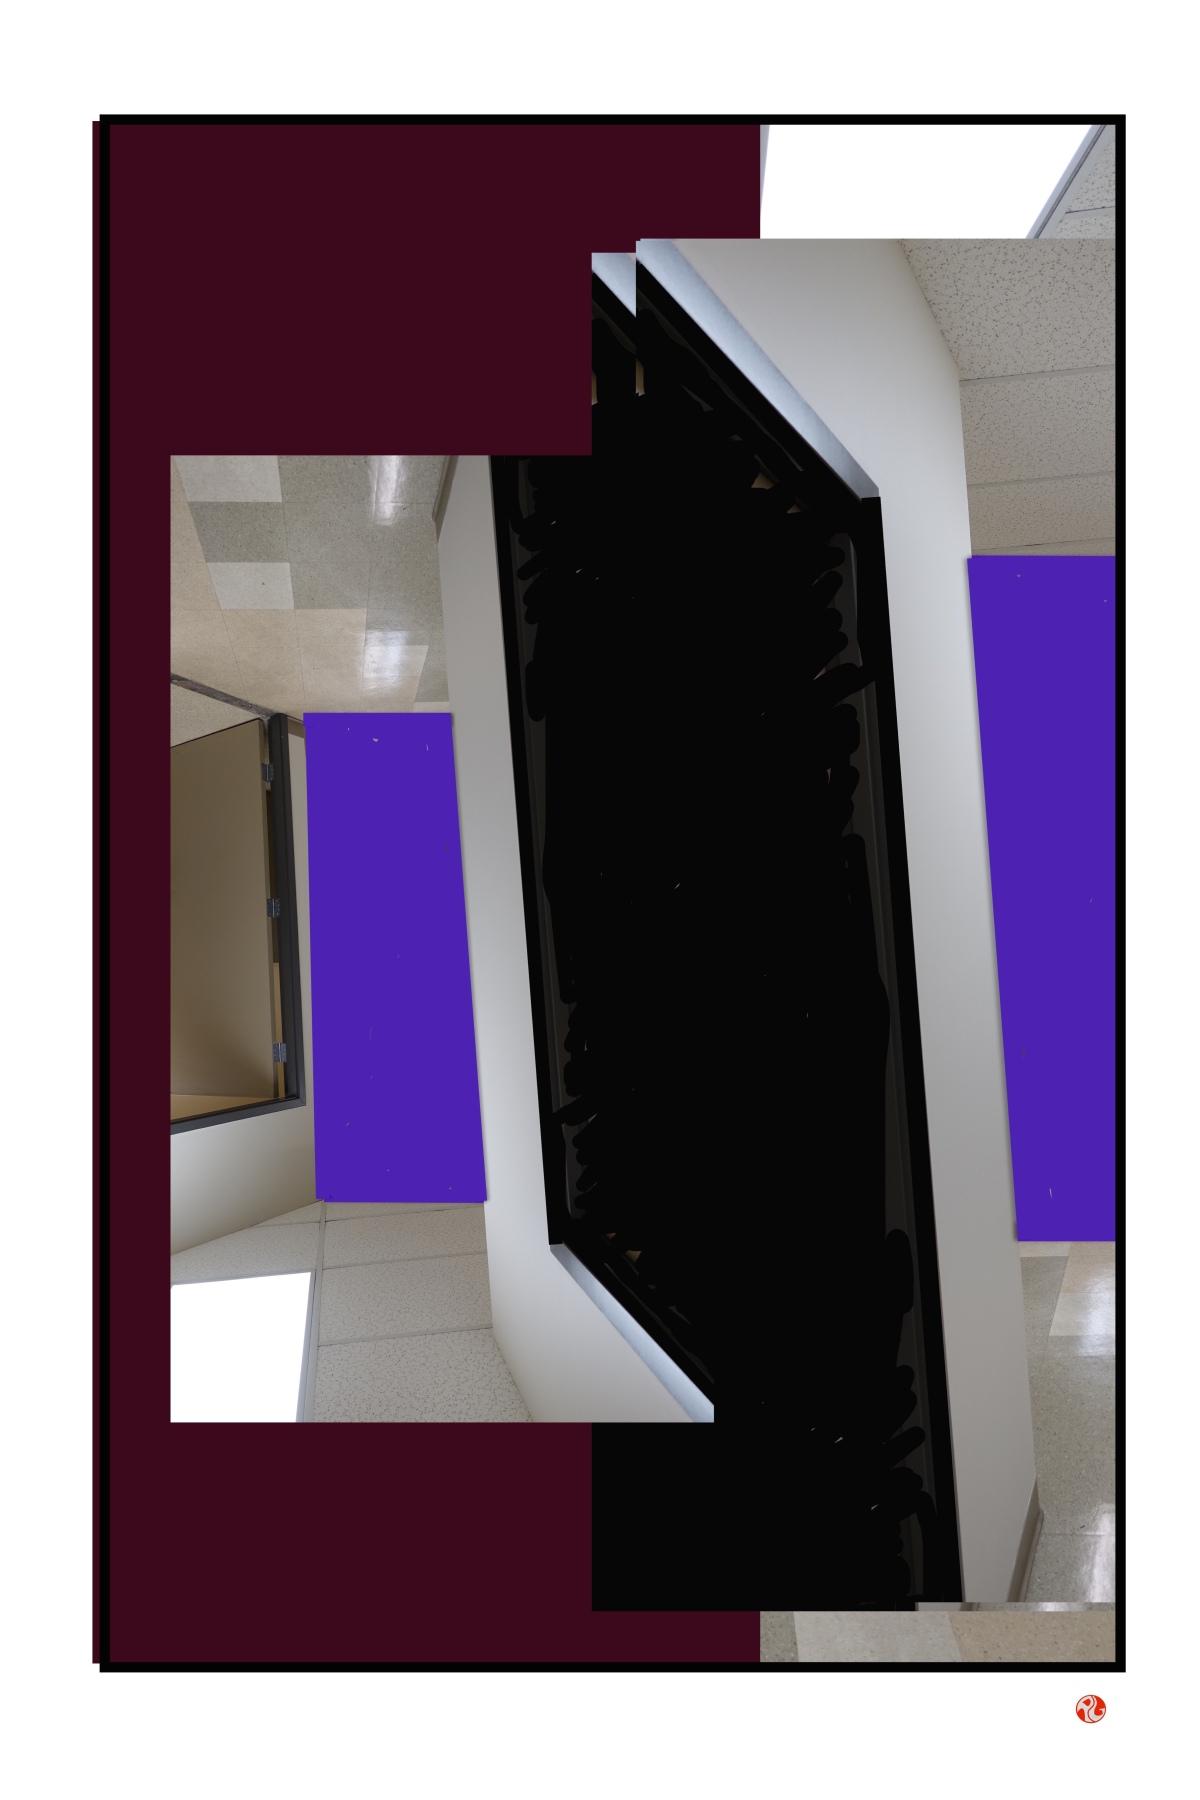 Extra-dimension hallway